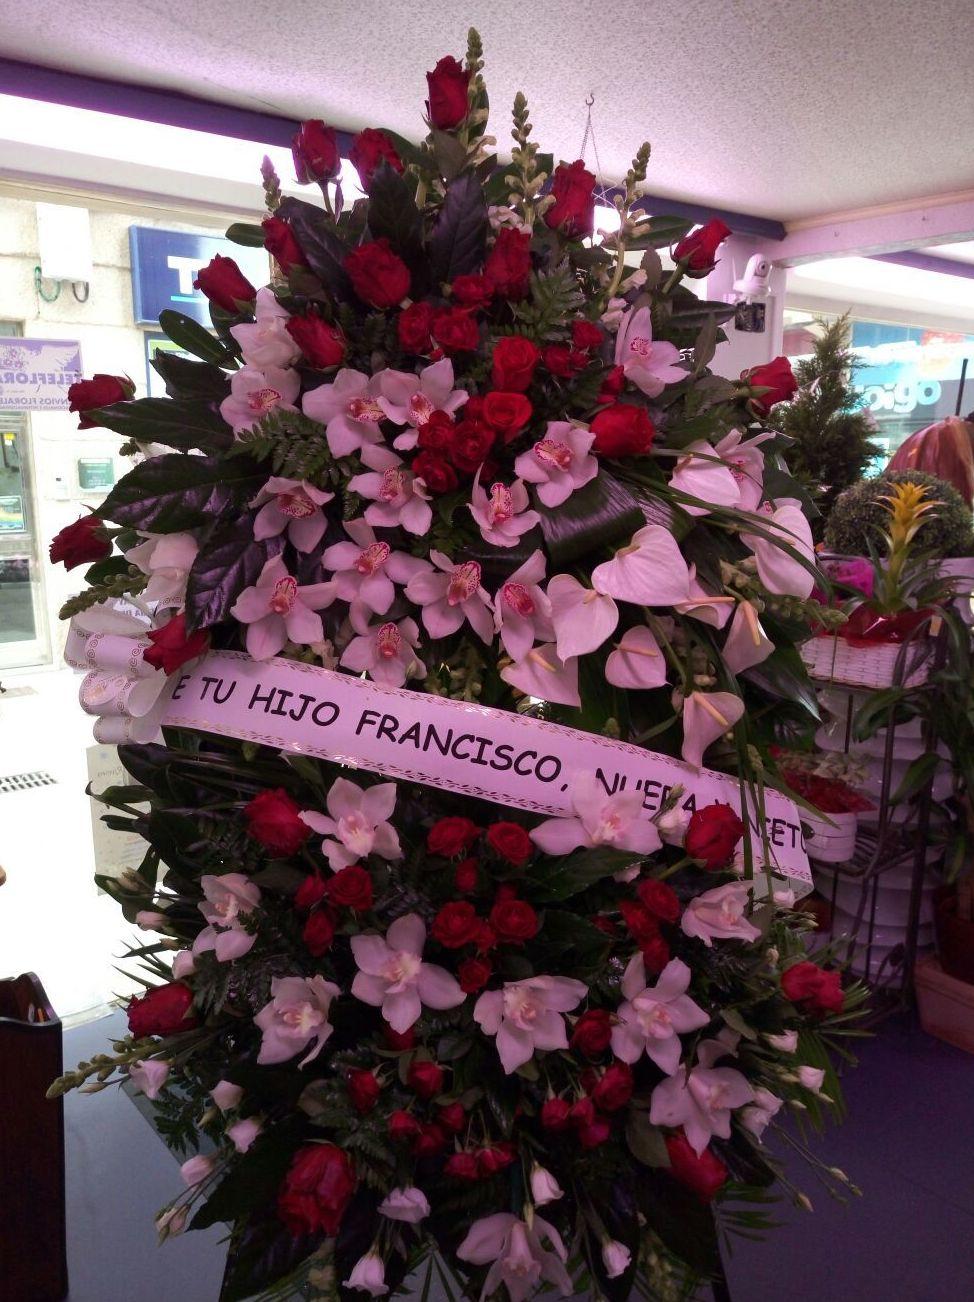 Arreglos florales Ribeira. Mandragora floristería